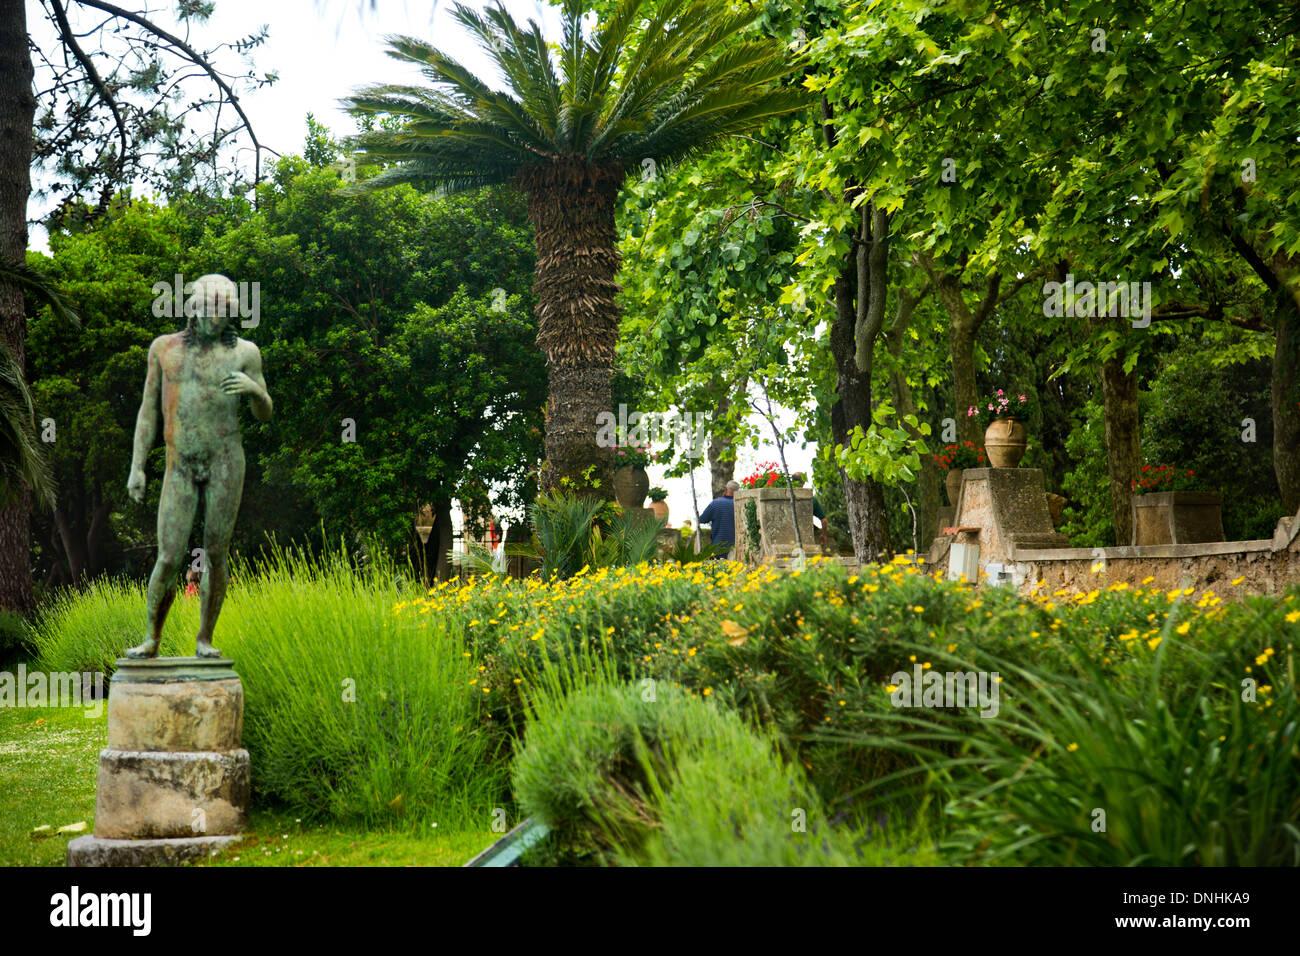 Statue in einem Garten, Villa Cimbrone, Ravello, Provinz Salerno, Kampanien, Italien Stockfoto